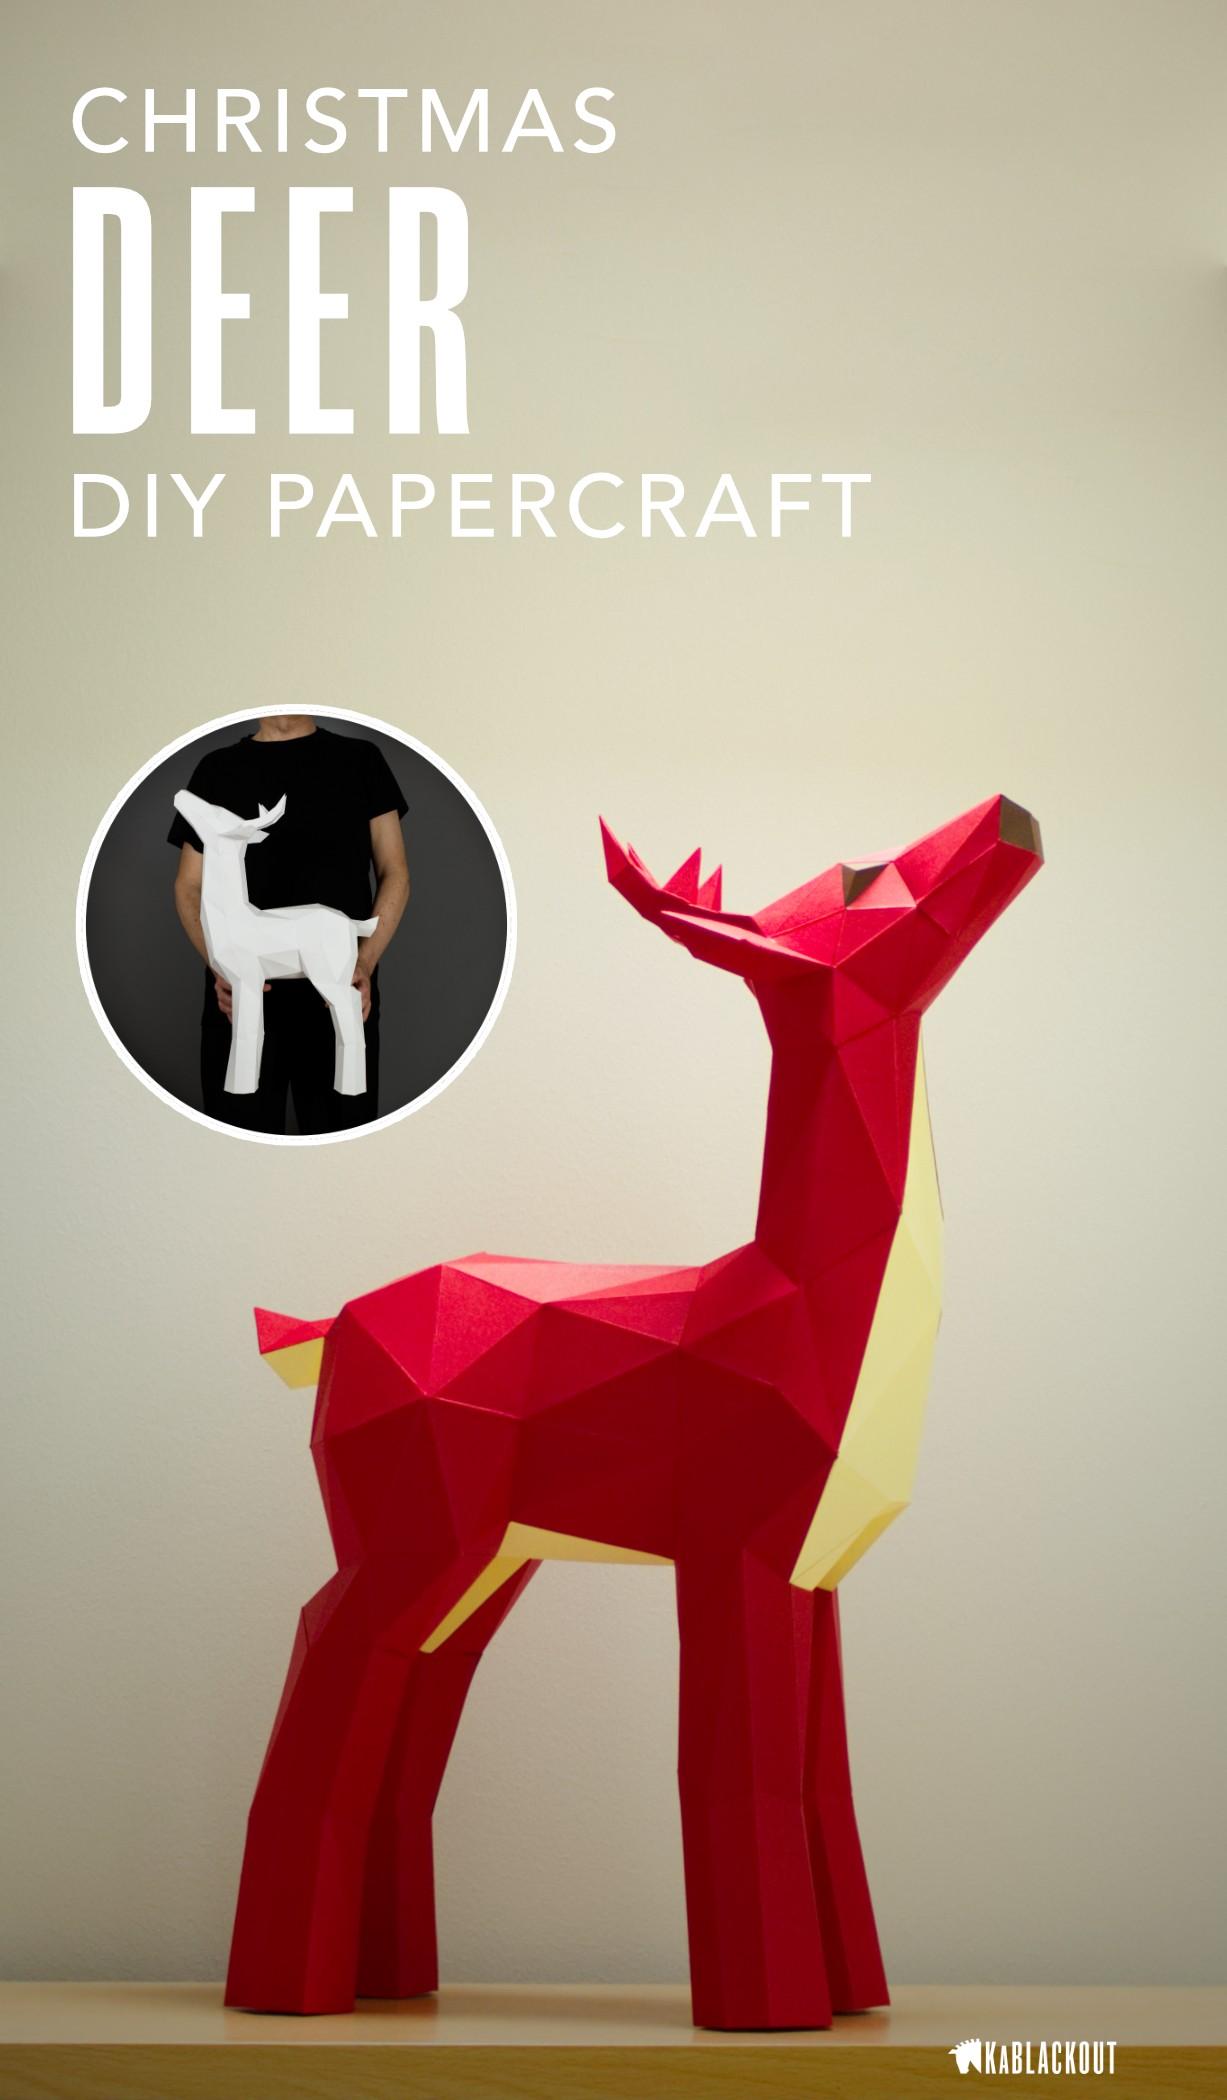 Papercraft Diy Deer Papercraft Papercraft Deer Diy Deer Low Poly Deer Deer